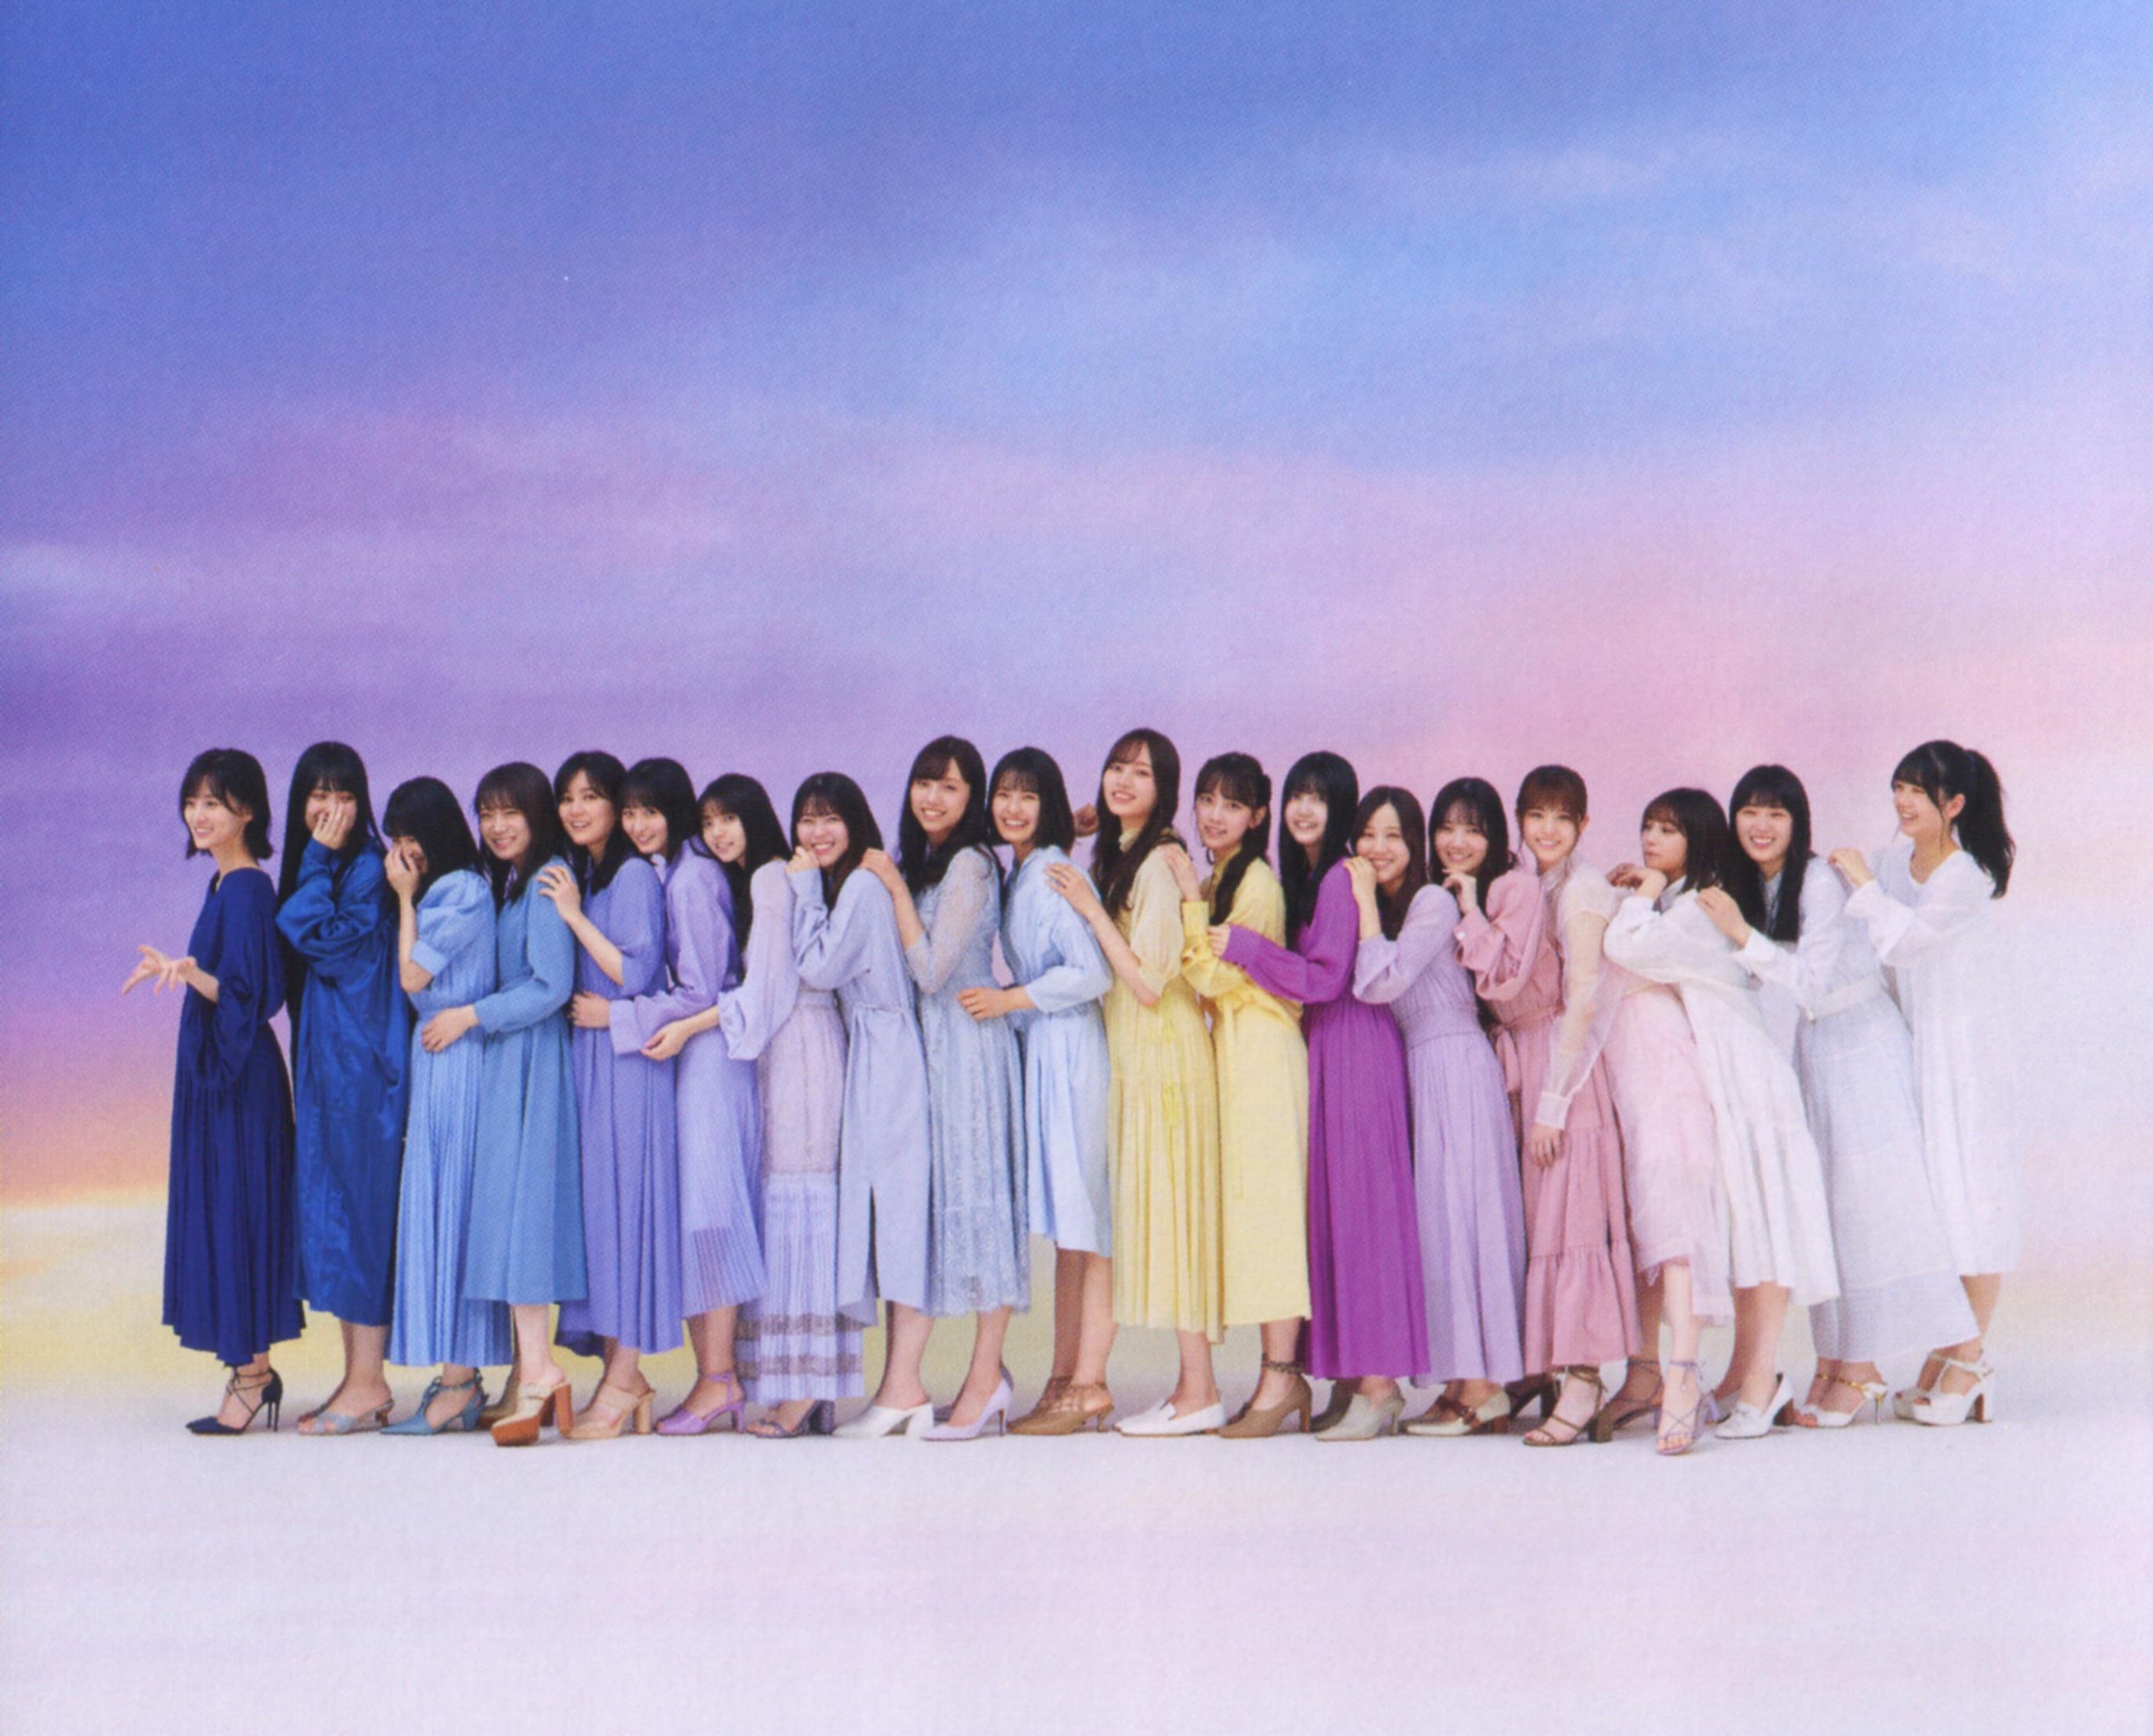 坂道系大合集第26弹女星妹子山下美月、早川圣来